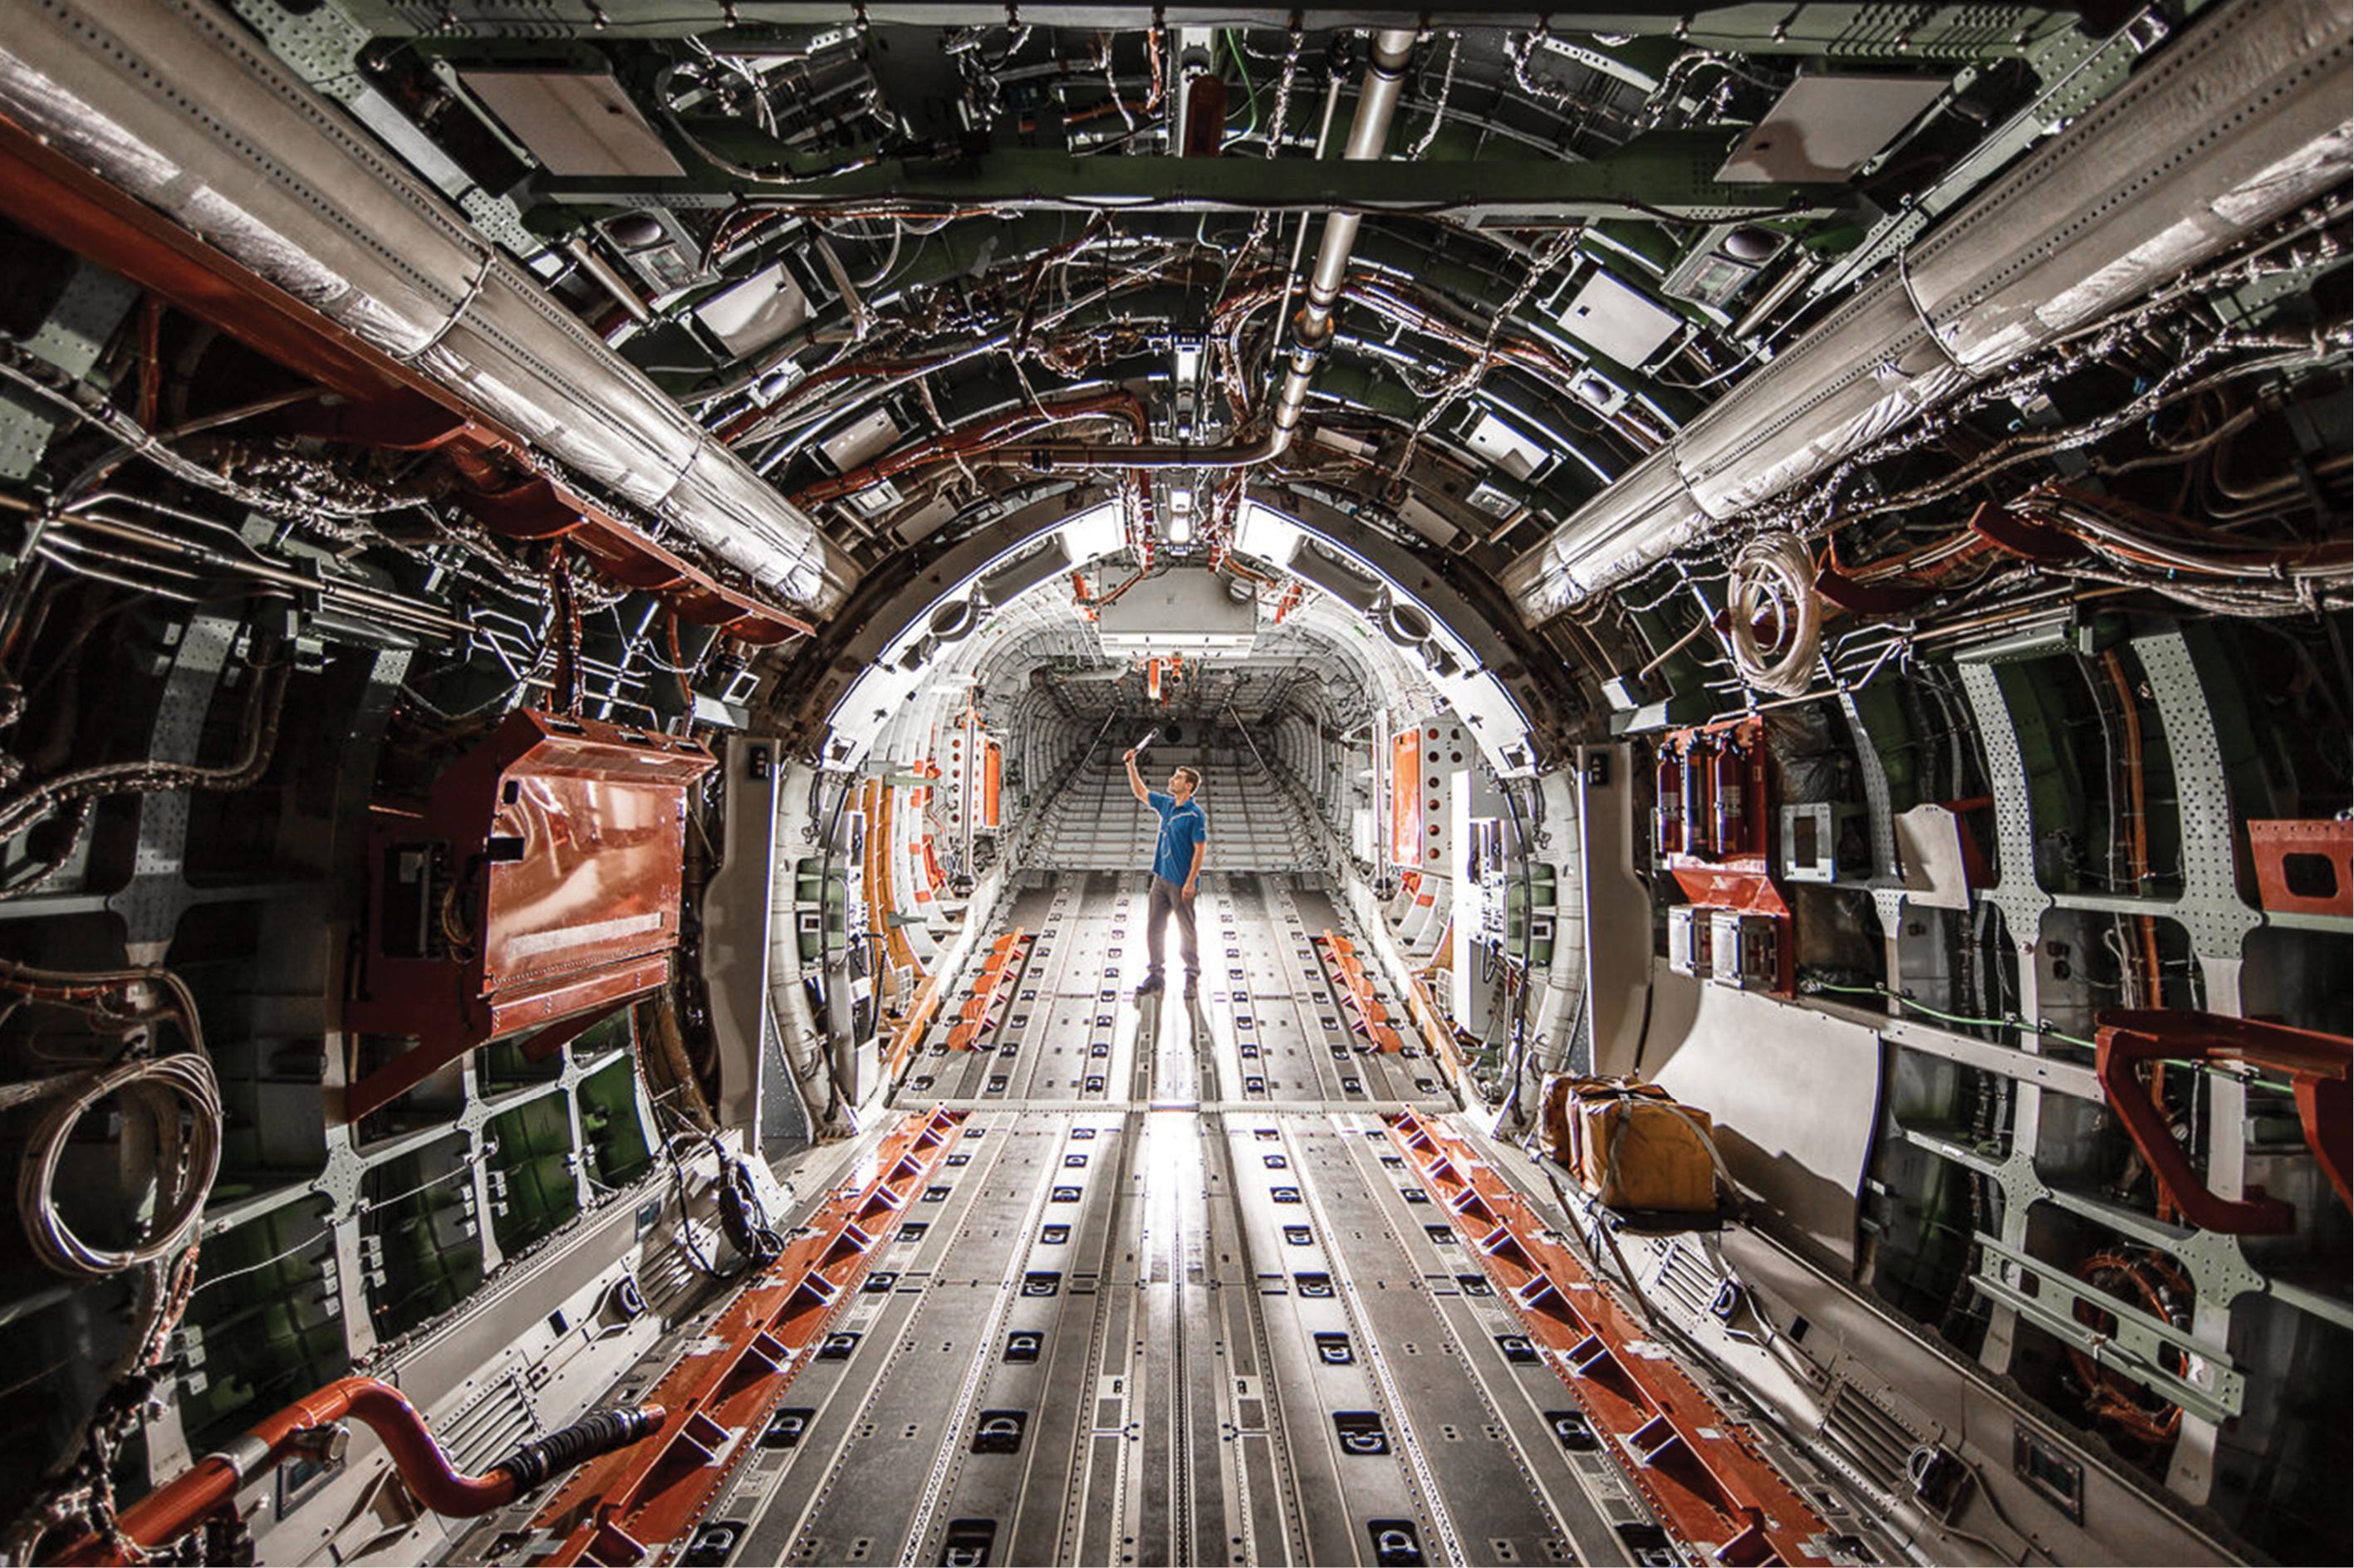 Fábrica da Embraer em Gavião Peixoto (SP)